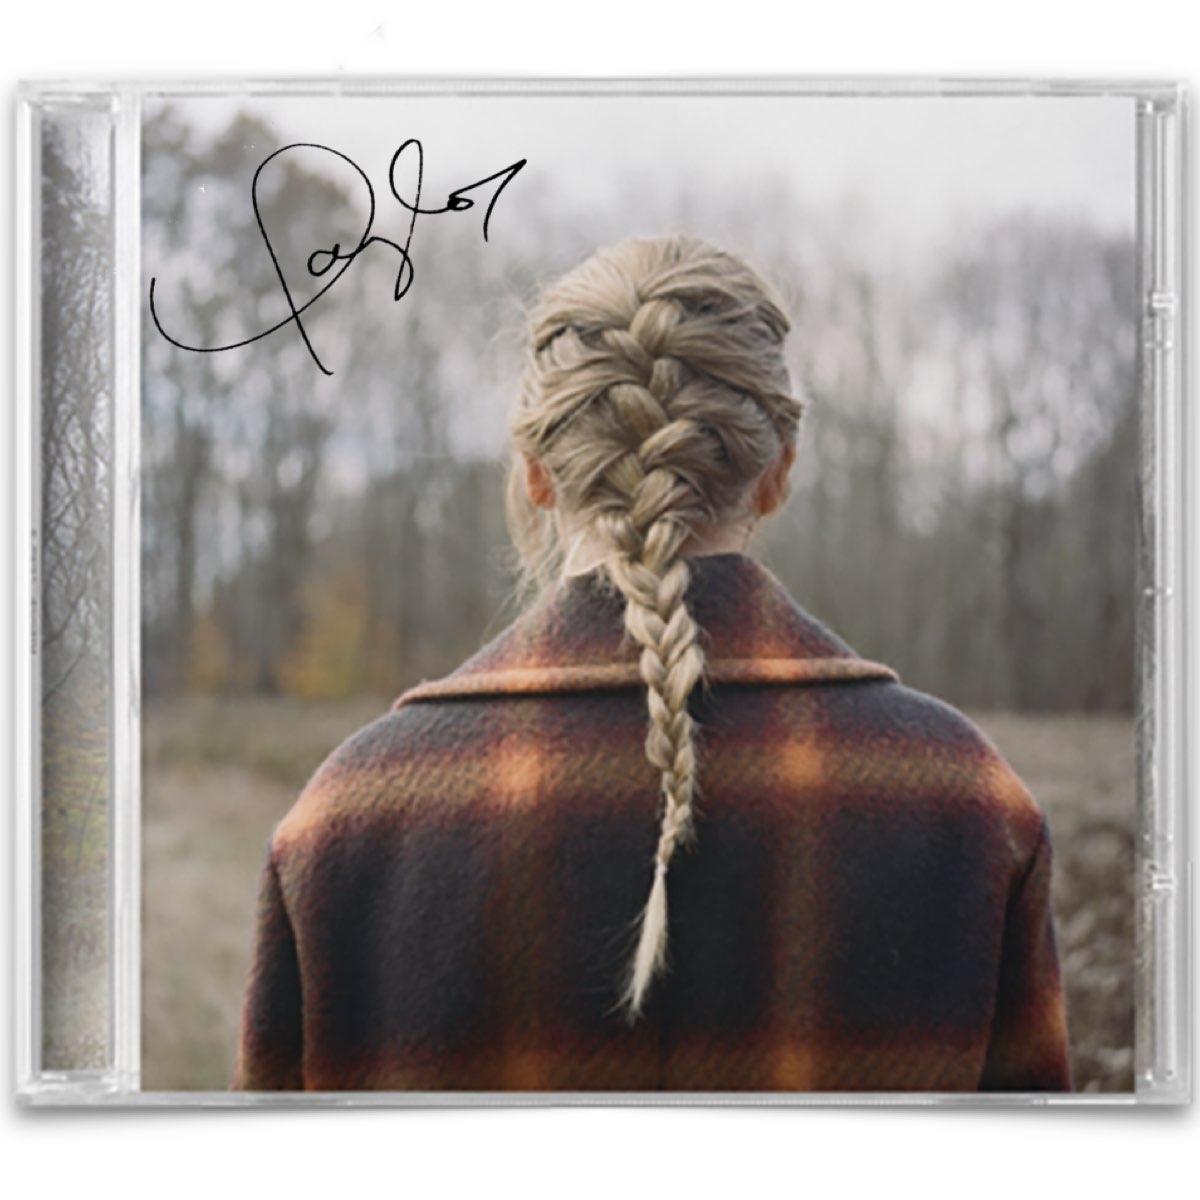 Taylor Swift - Evermore [CD Autografado - Edição Limitada]